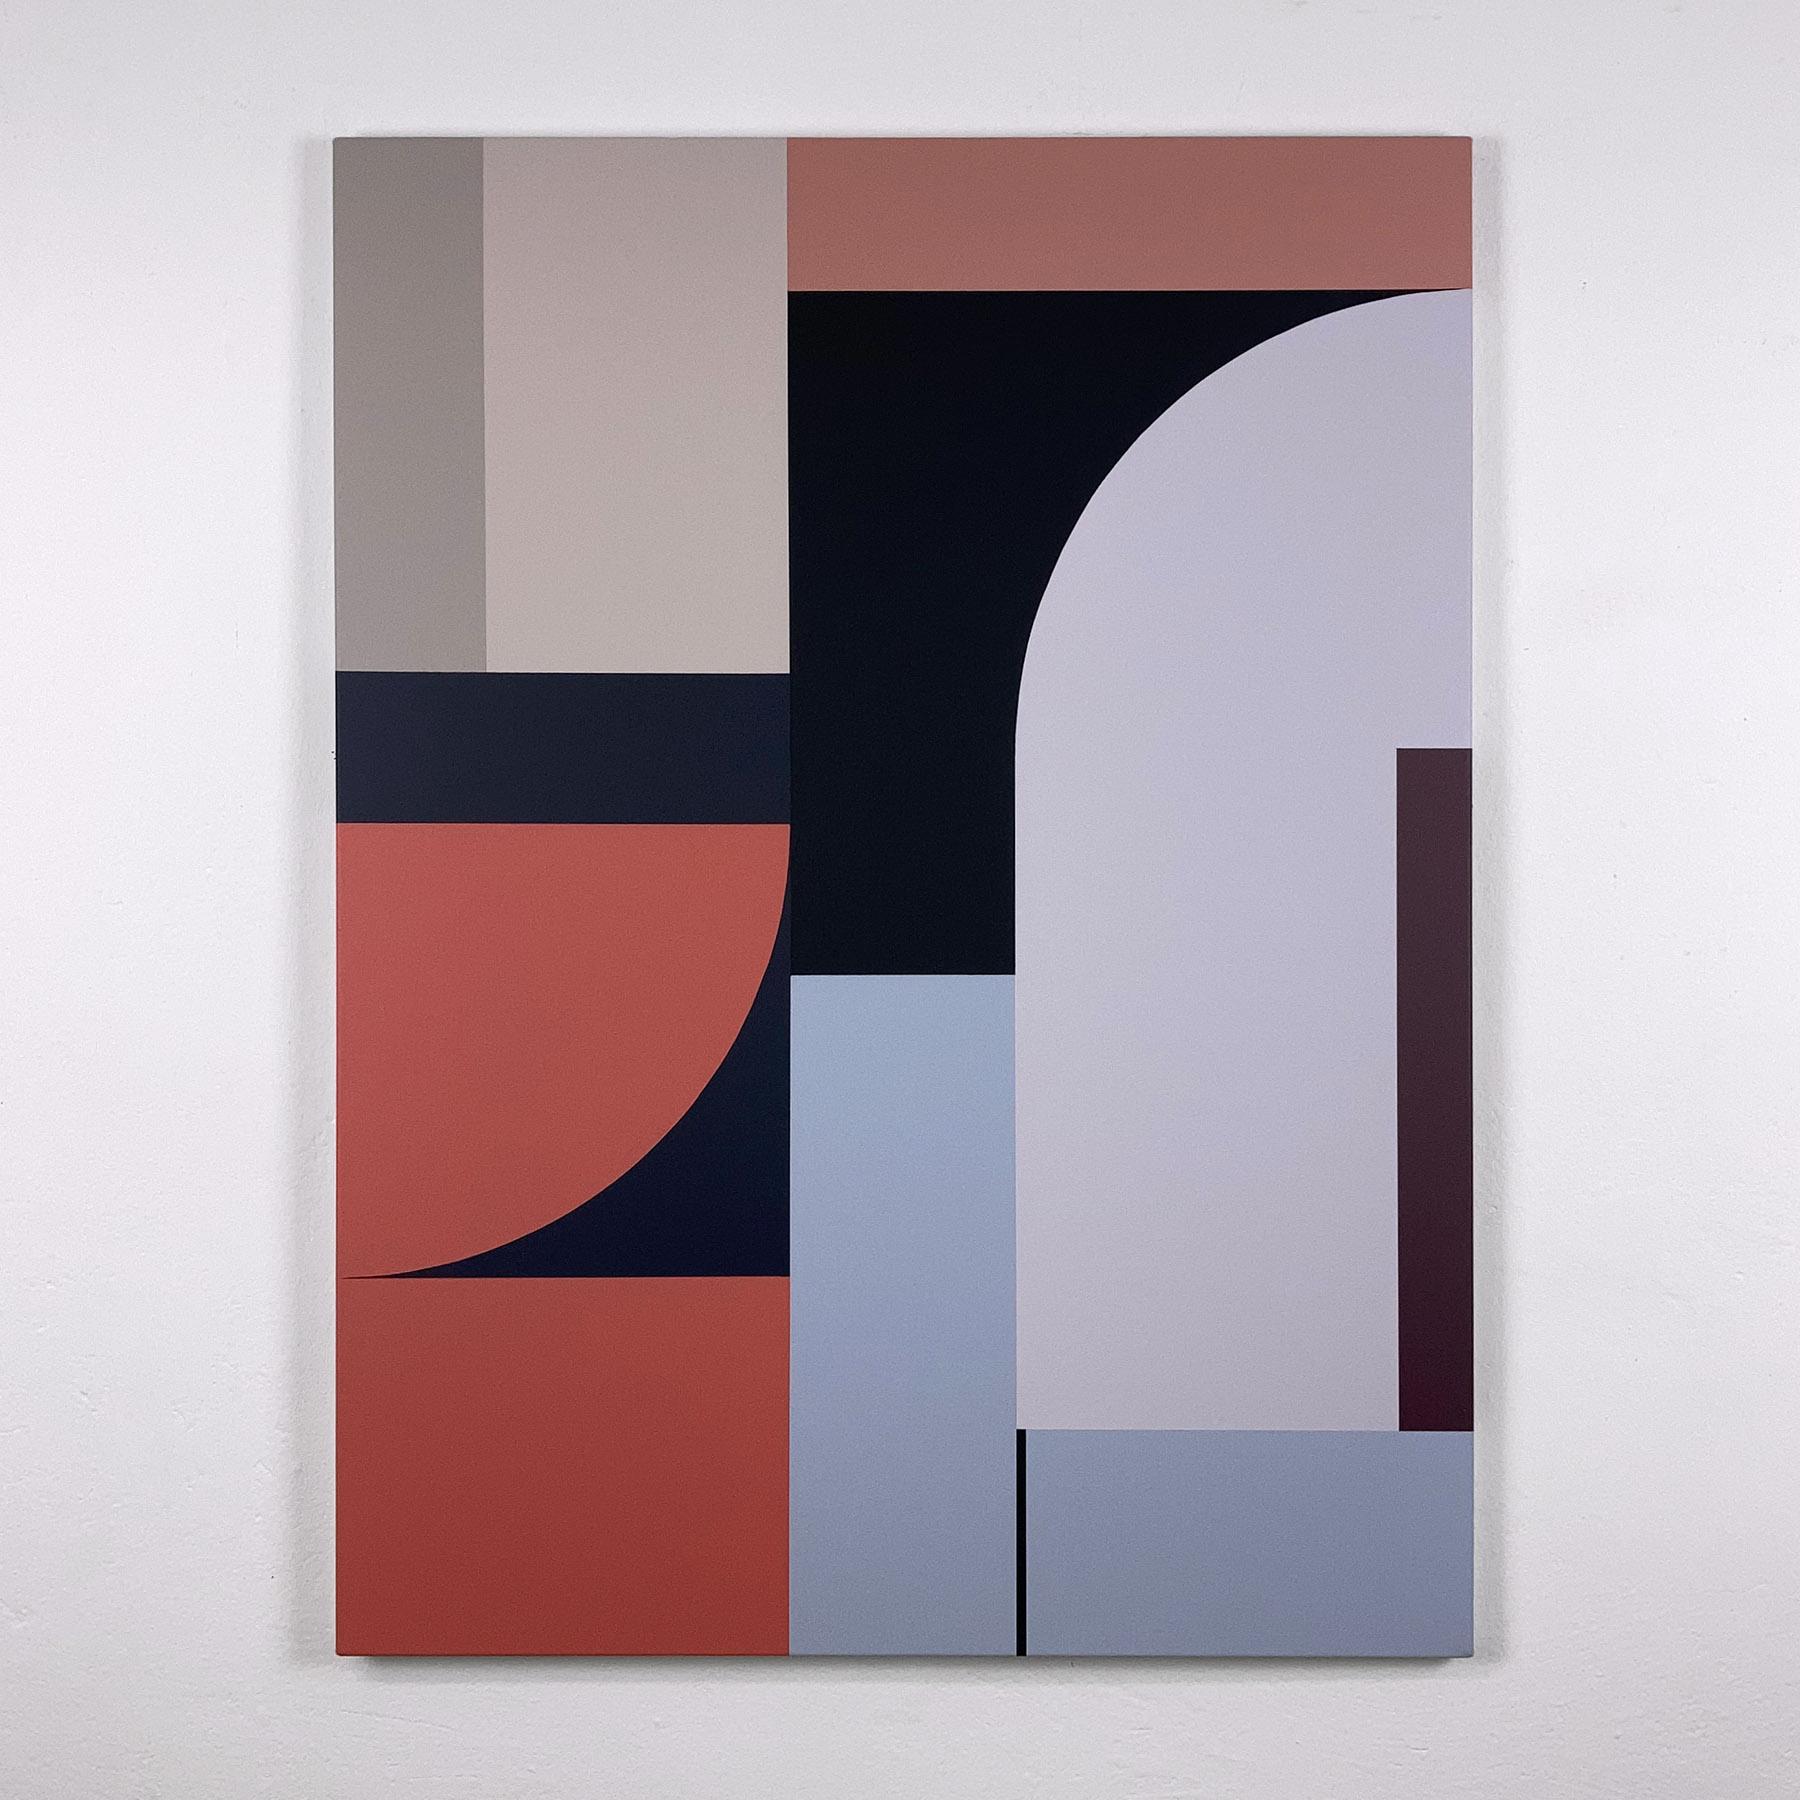 acrylic on canvas, 100 x 75 cm